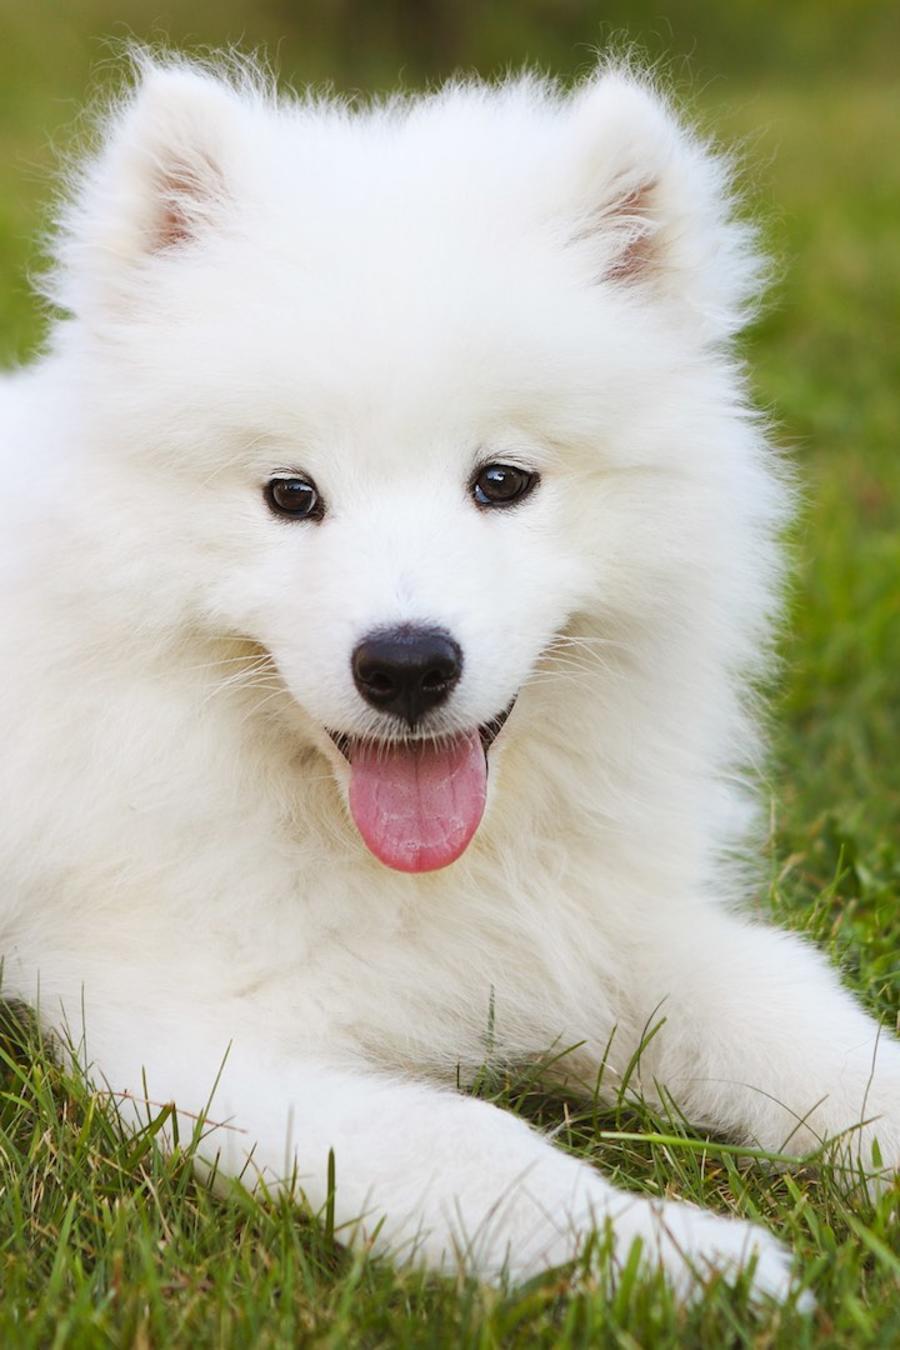 Perros de raza samoyedo sobre el césped